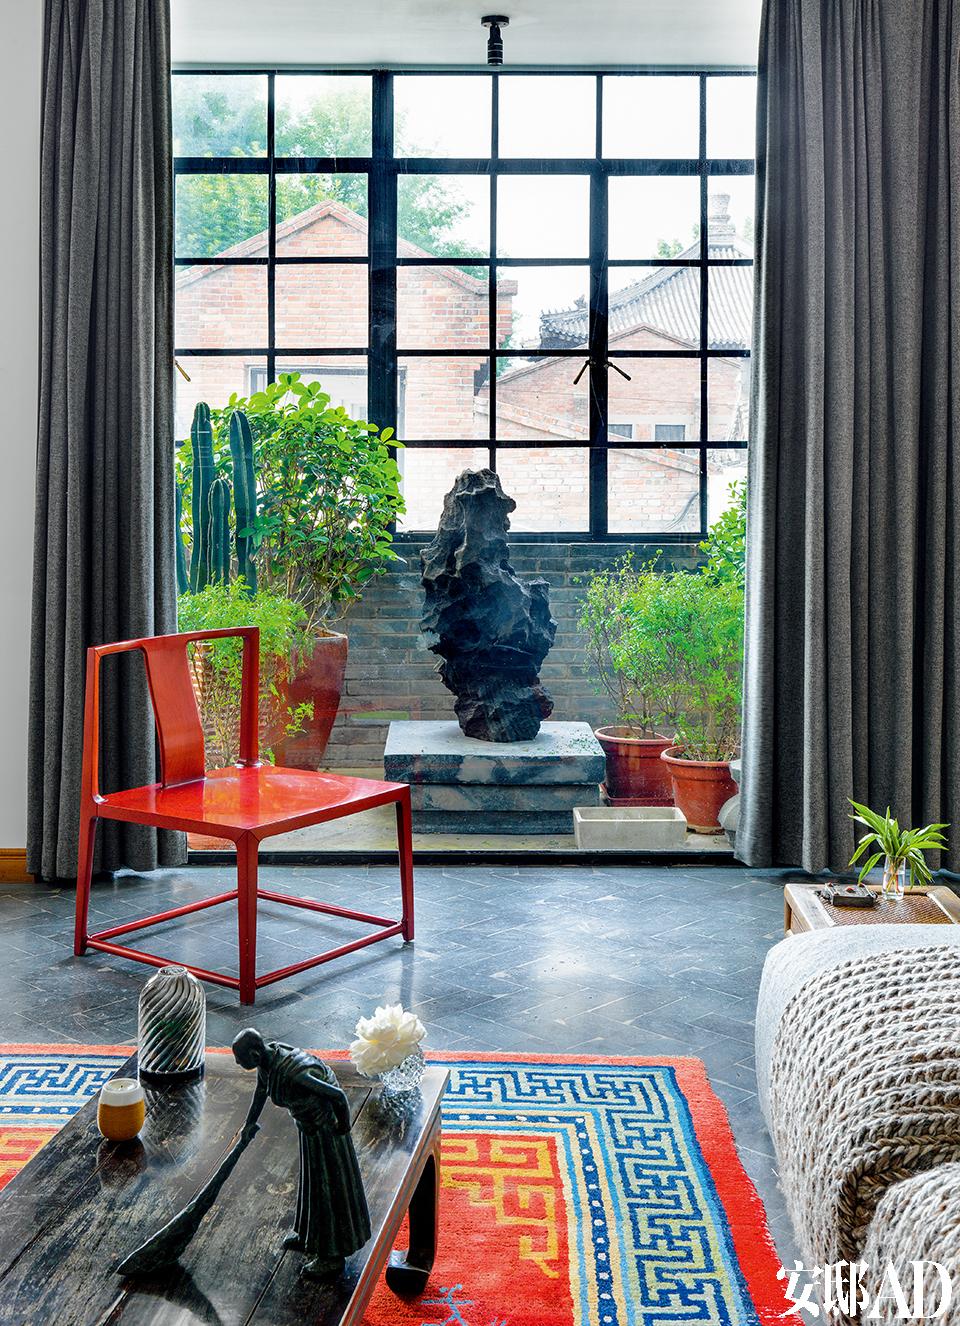 从窗口往外眺望,一边是车水马龙的市井胡同,一边是600年的古寺瓦楞。红色中式椅子来自「上 下」。阳台上海绵材质的太湖石 雕塑是孙文涛的作品。